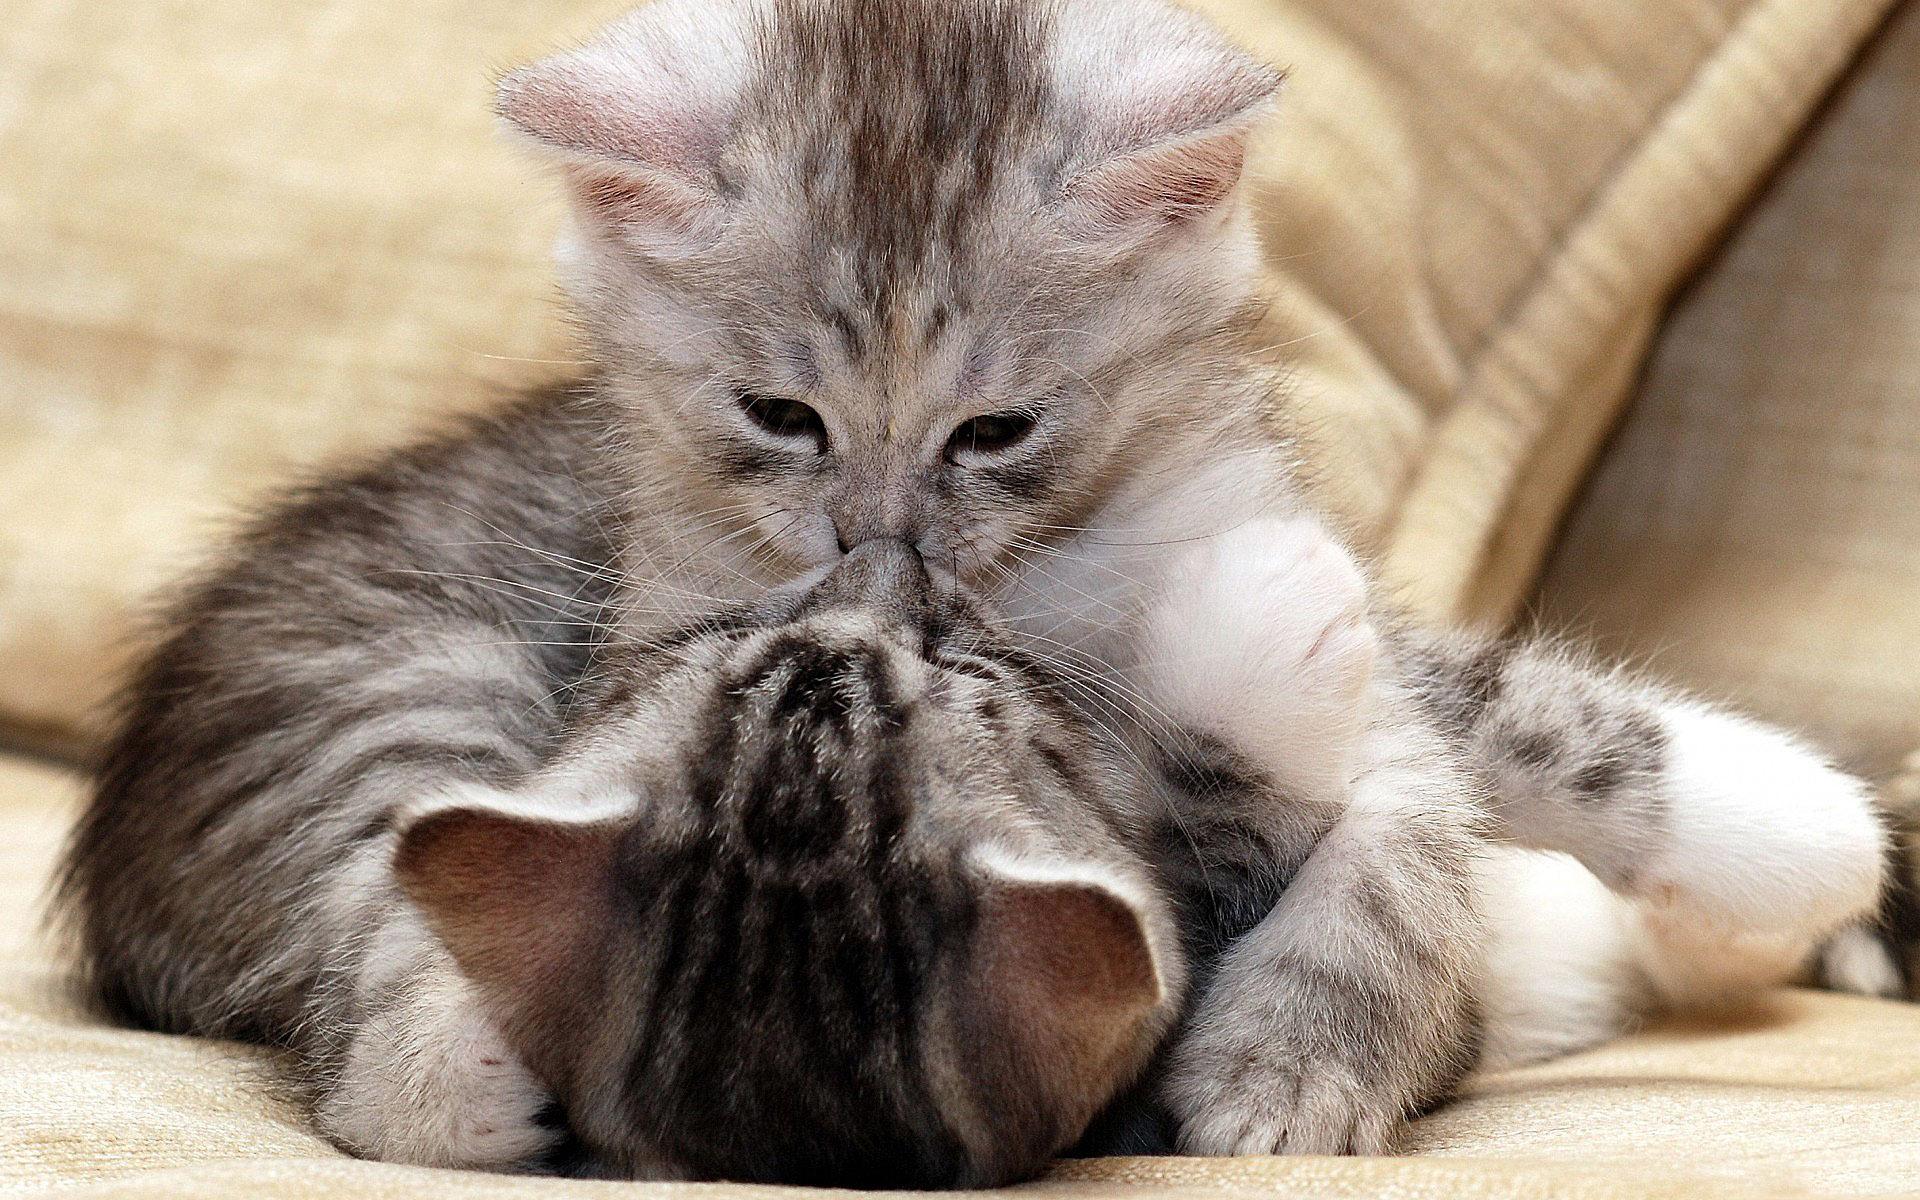 Голыми, кошки и котята картинки красивые